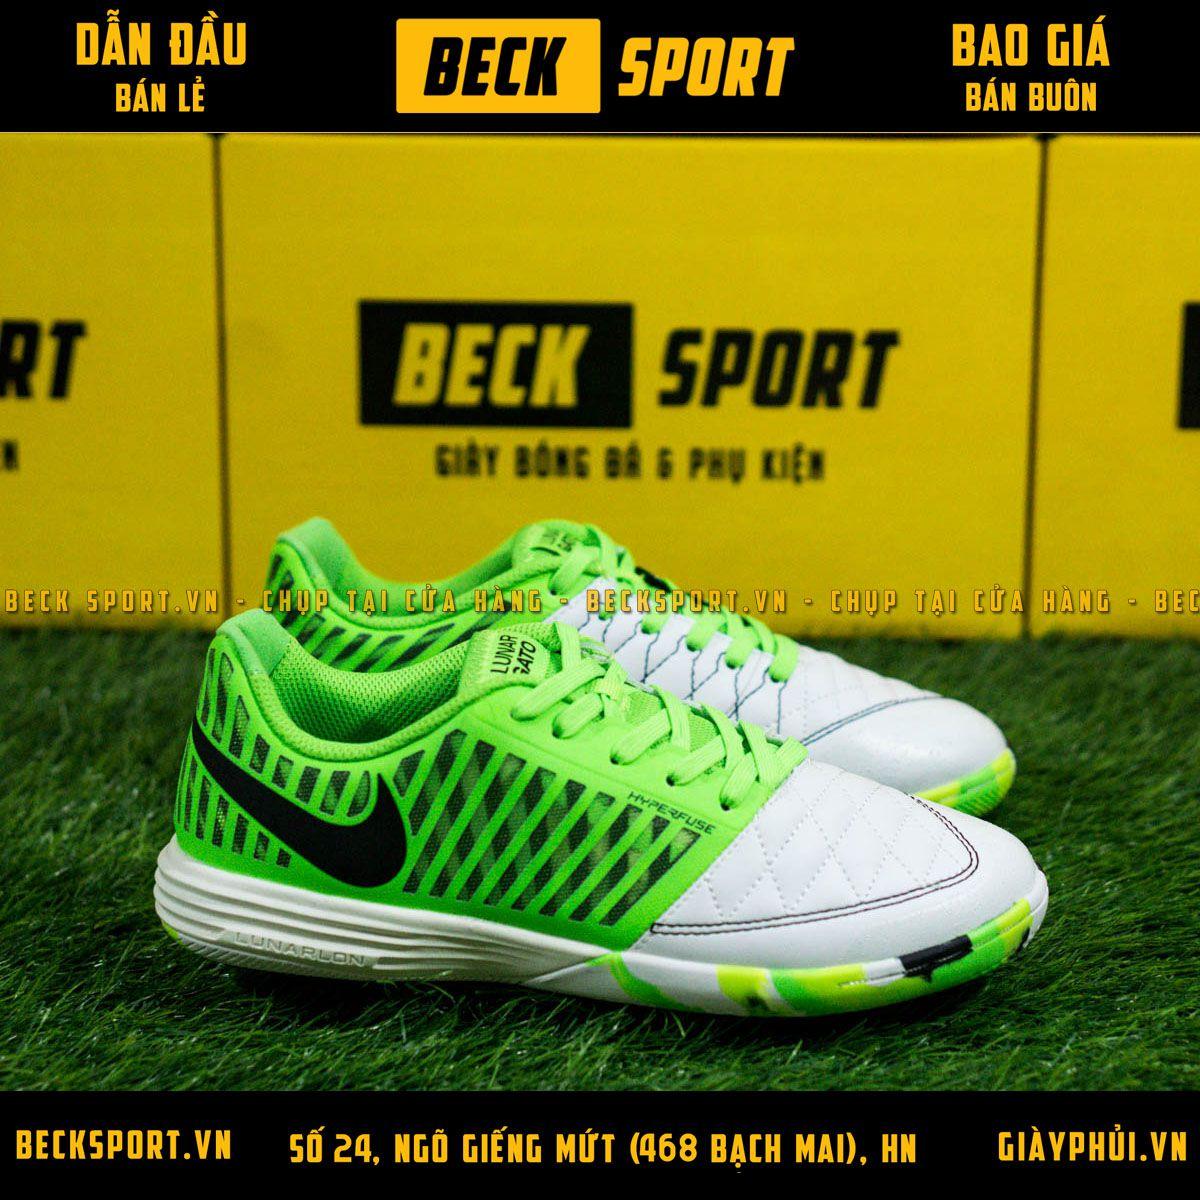 Giày Bóng Đá Nike Lunar Gato II Trắng Gót Xanh Lá Đế Rằn Ri IC